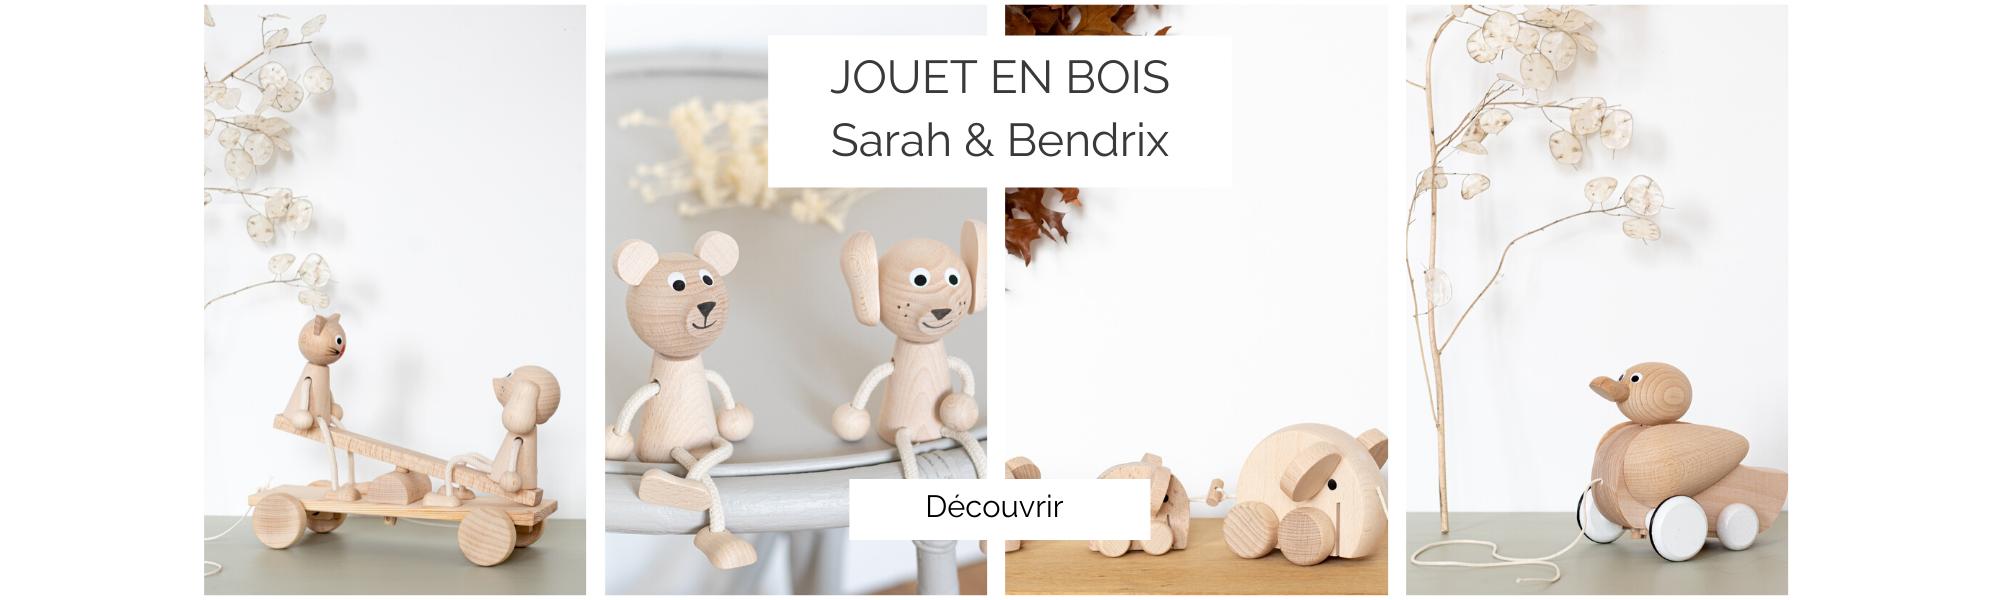 Jouet en bois naturel Sarah and Bendrix, vendu par Trendy Little